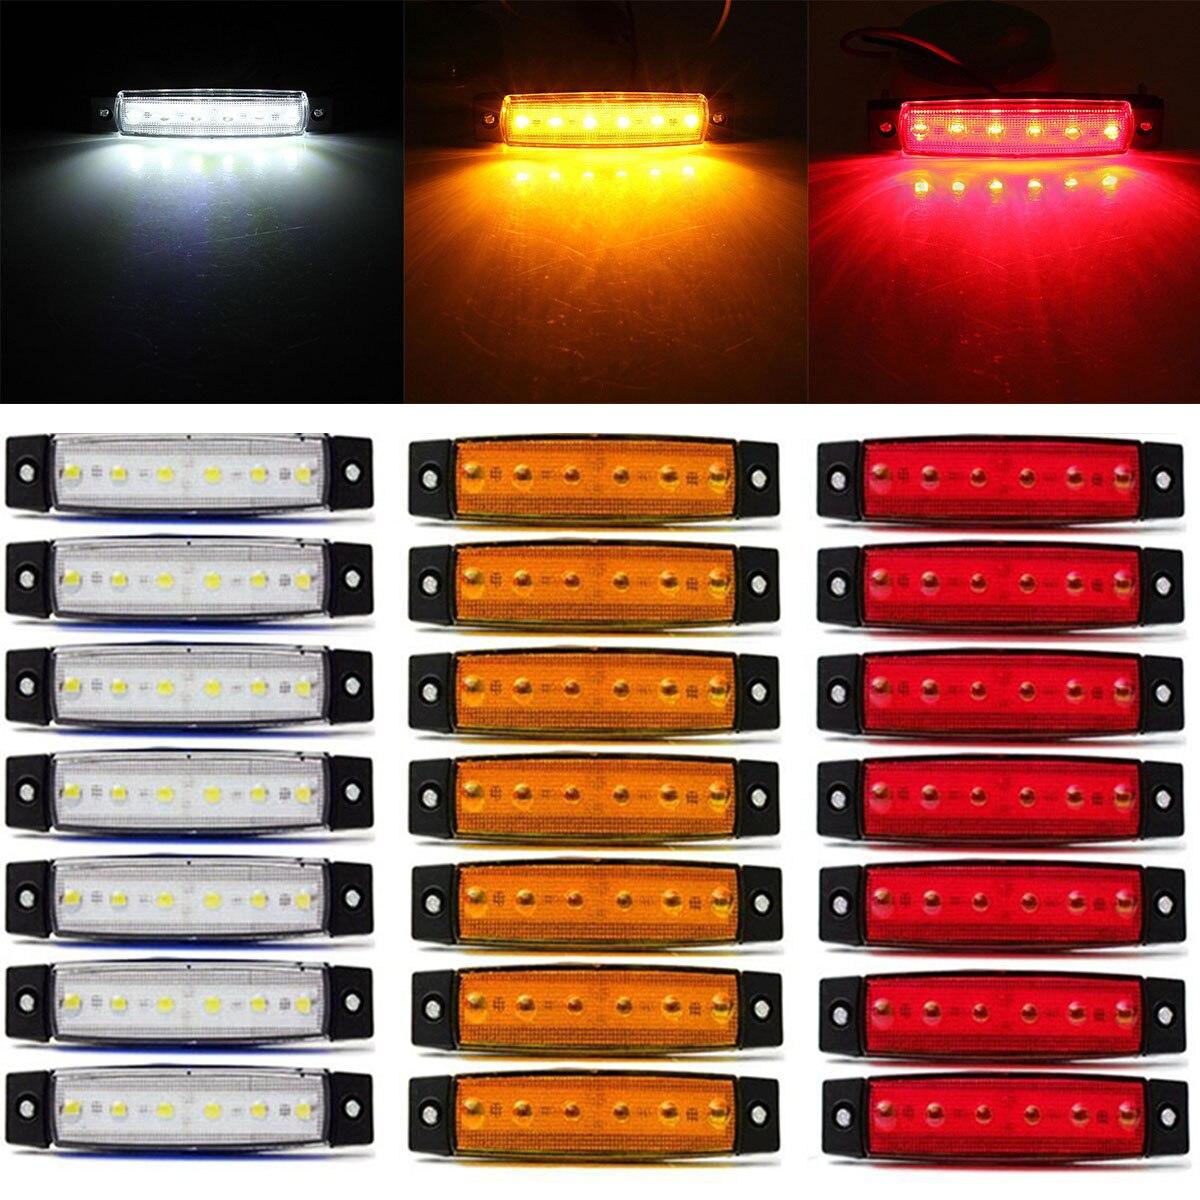 30pcs 12V 6LED Truck Trailer Side Marker Indicators Light Lamp White+Red+Amber